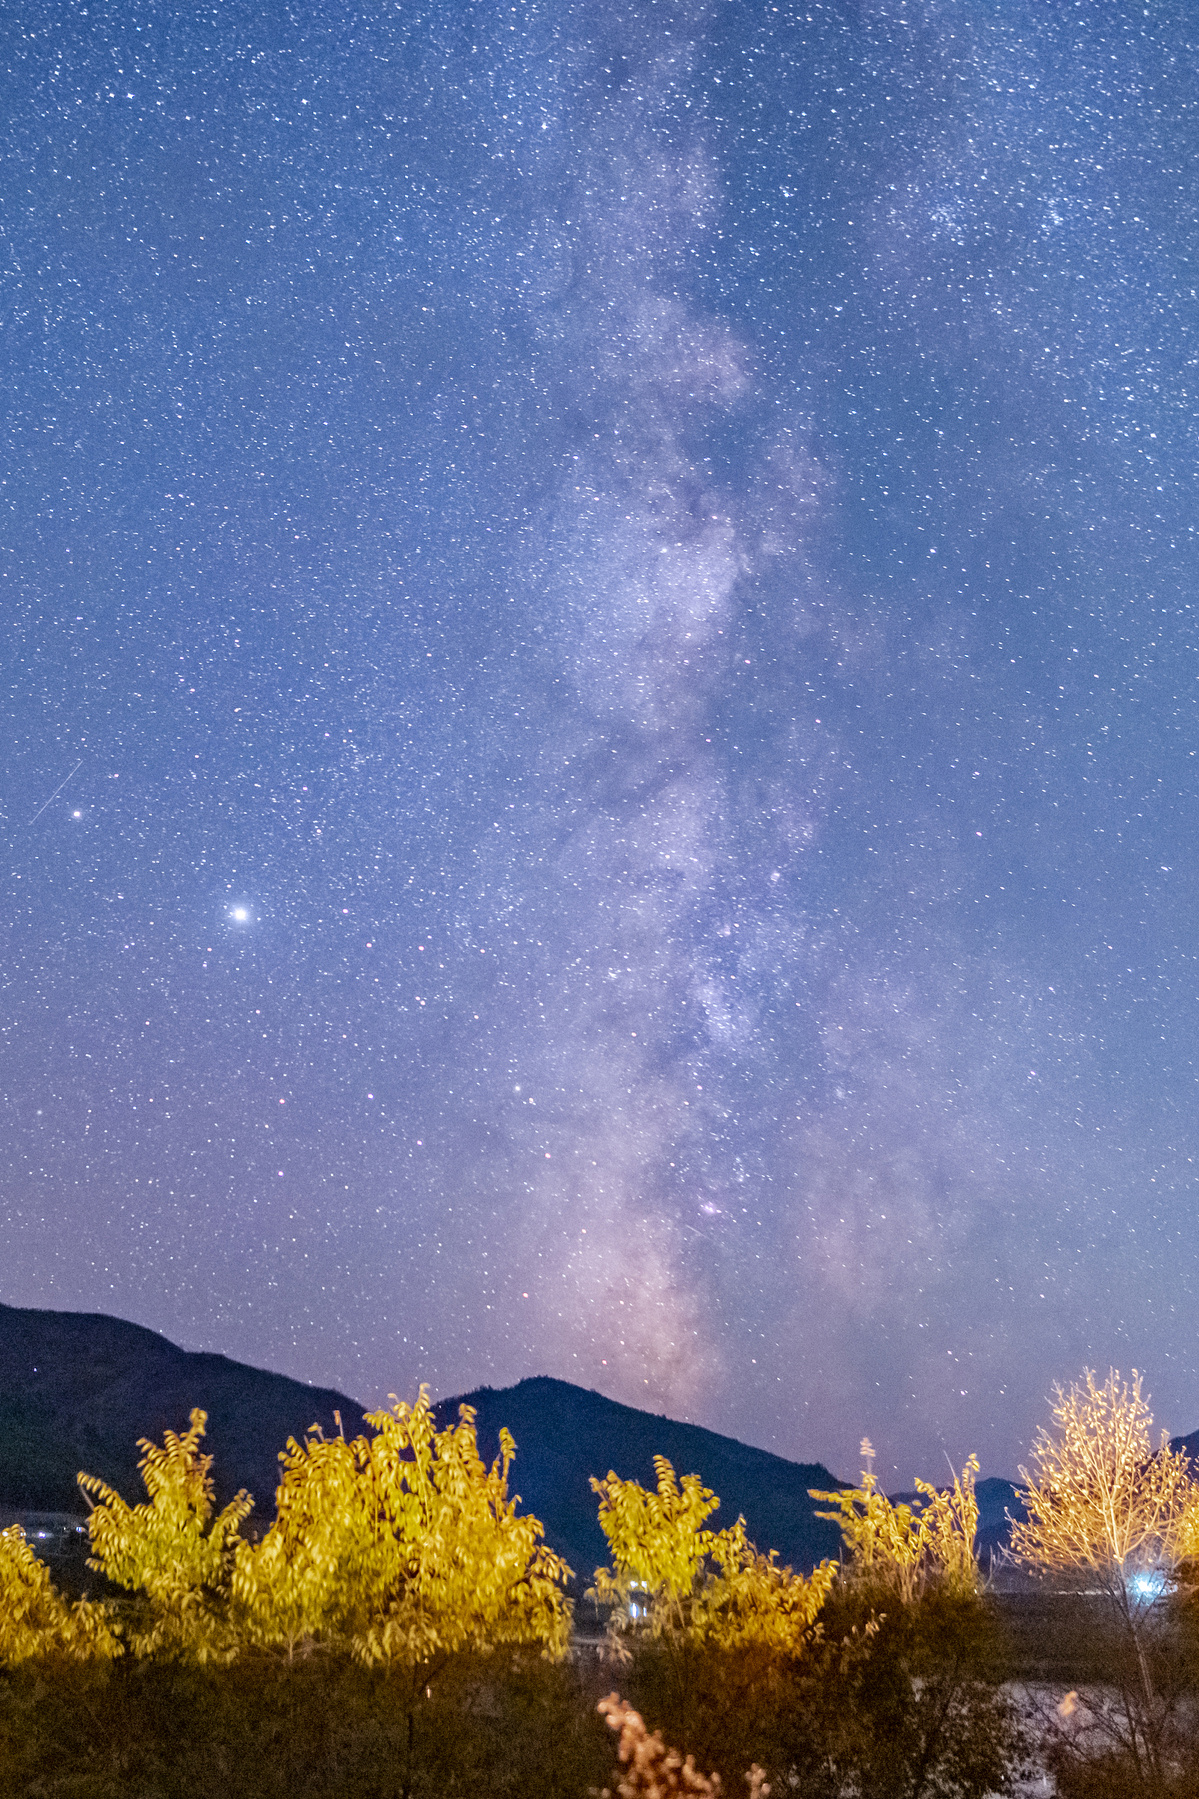 Starry night sky in Jilin